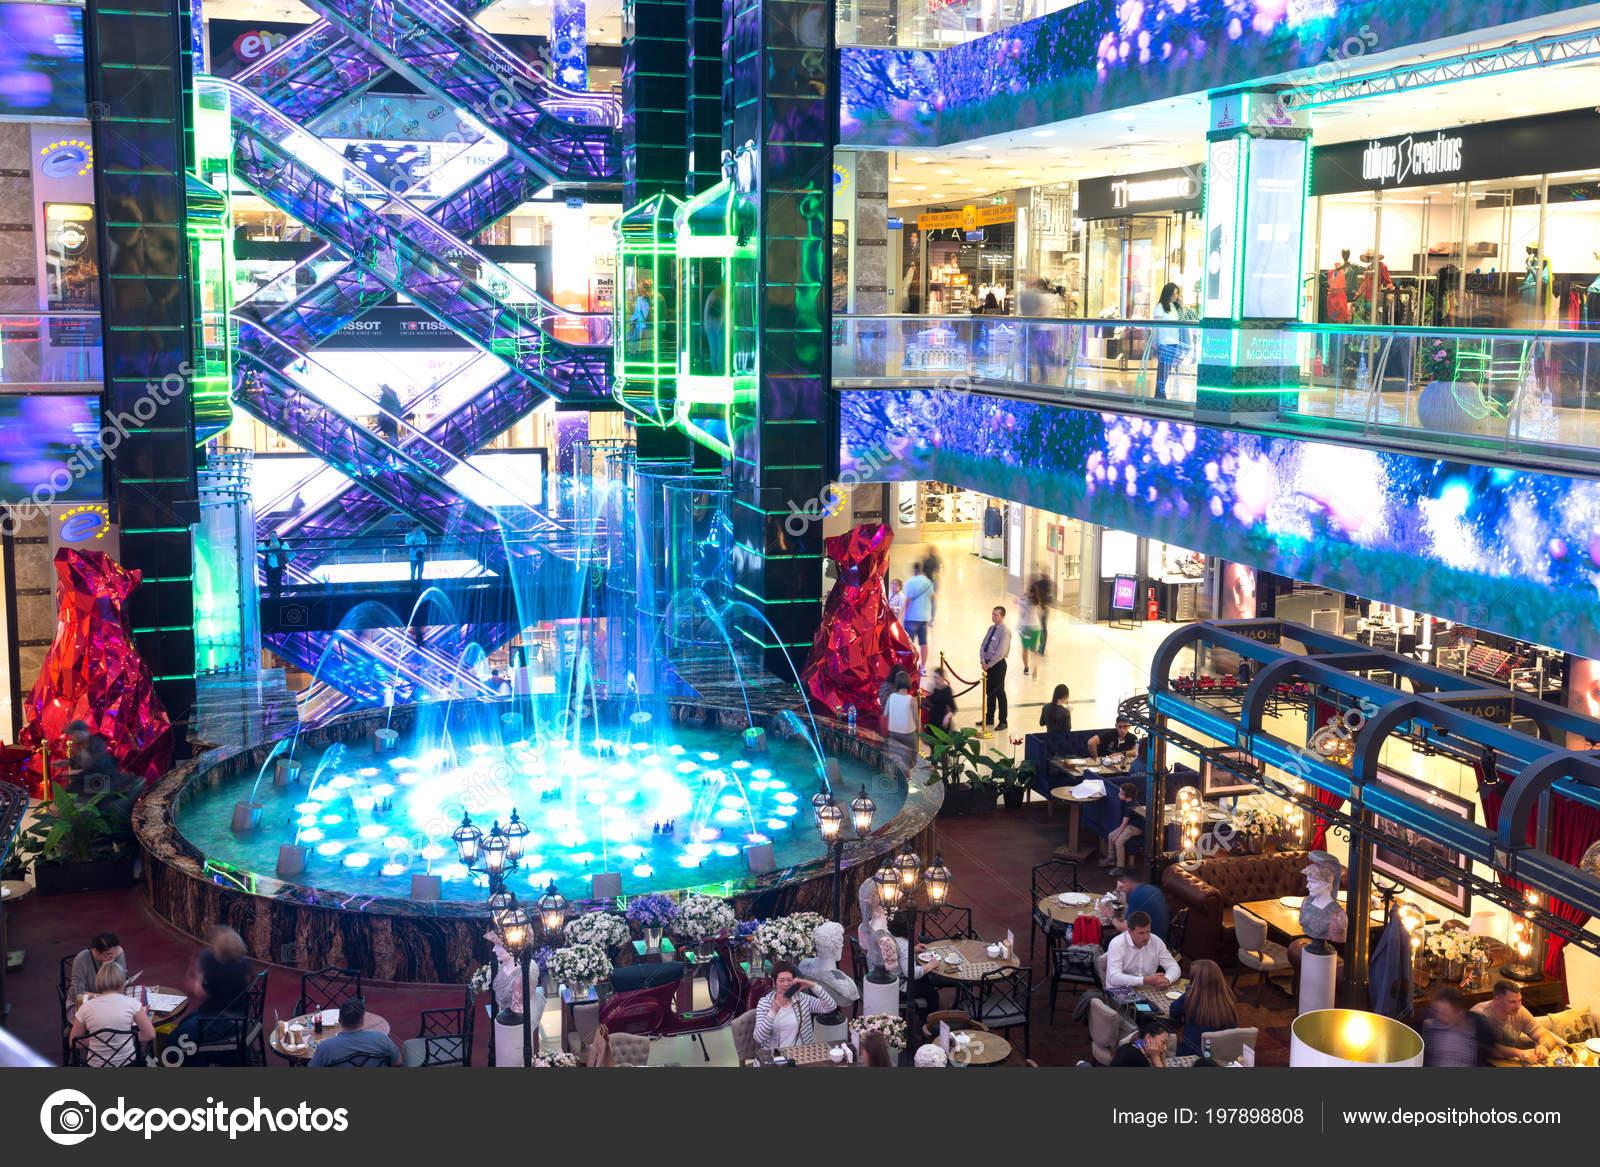 Европейский Торговый центр Mall, 16 мая 2018 года в Москве, Россия — Фото  автора Alexandre17 71ceabca2bd